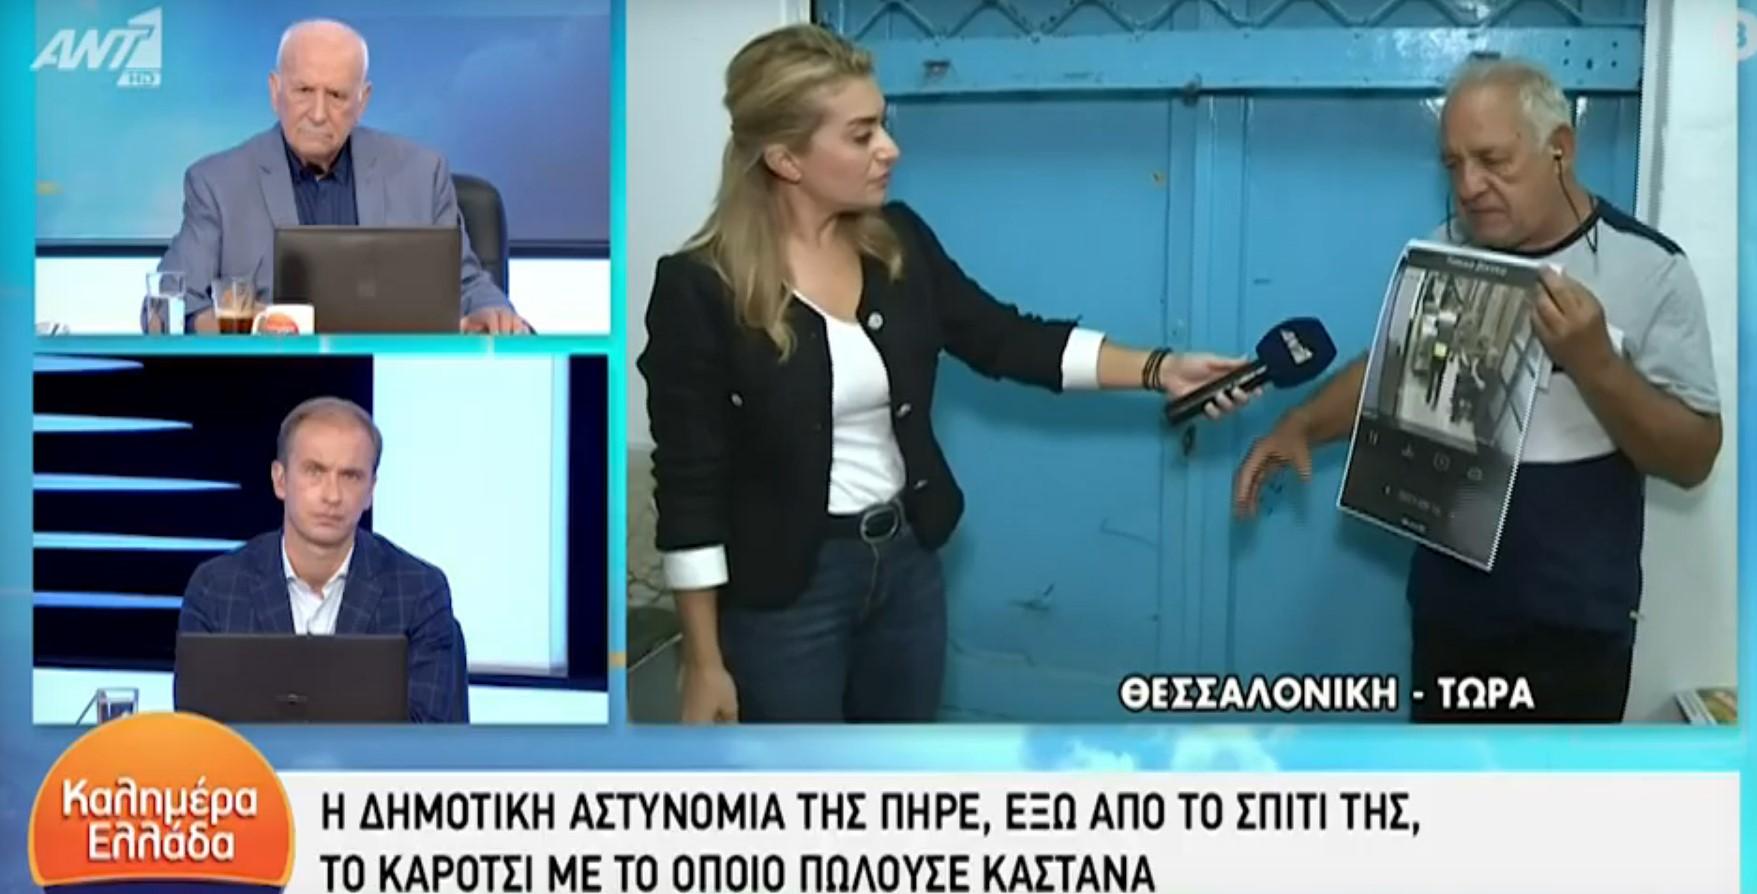 Θεσσαλονίκη: Στα 106.000 ευρώ το πρόστιμο που «έφαγε» ο πιο διάσημος καστανάς της πόλης